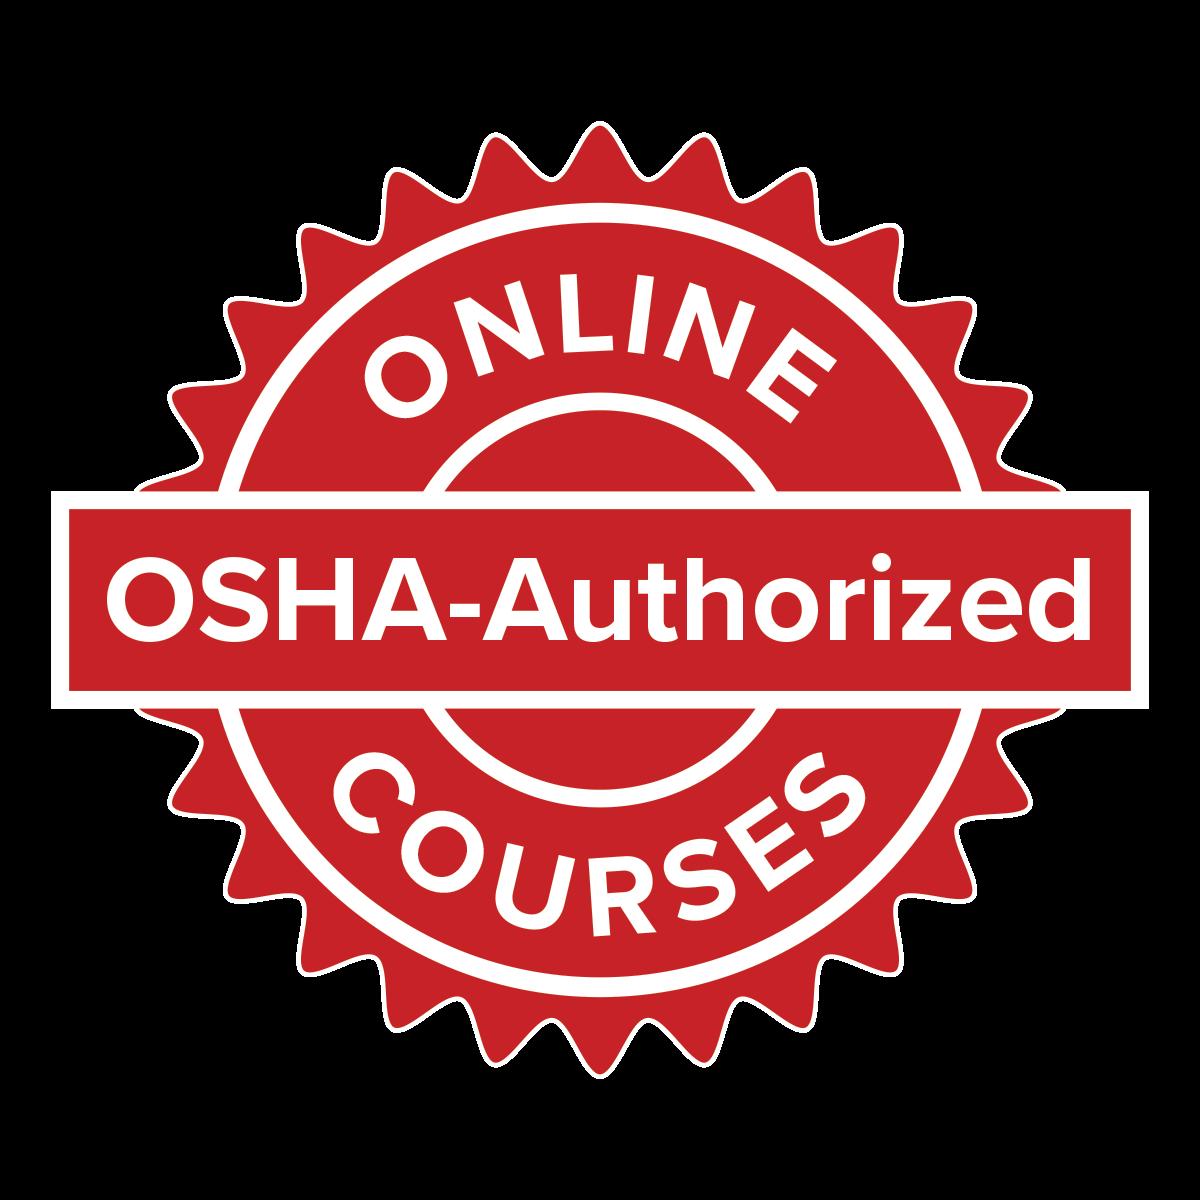 OSHA-Authorized 30-Hour Online Training